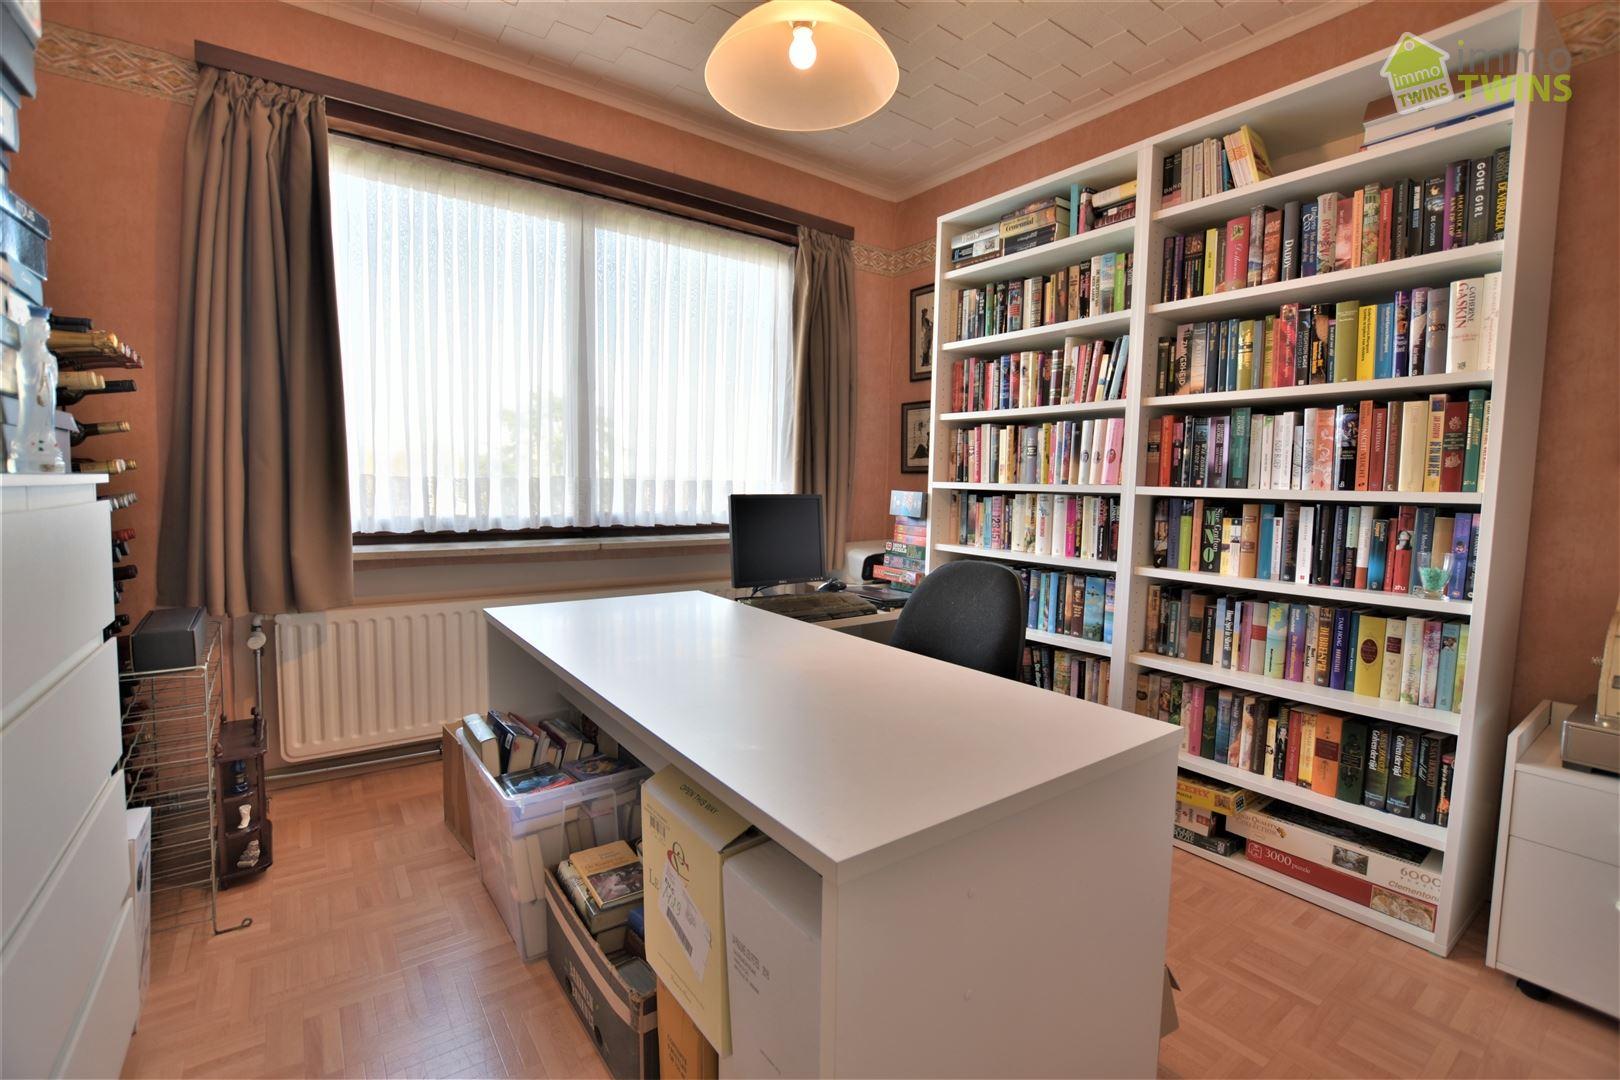 Foto 15 : Appartement te 9300 AALST (België) - Prijs € 224.000